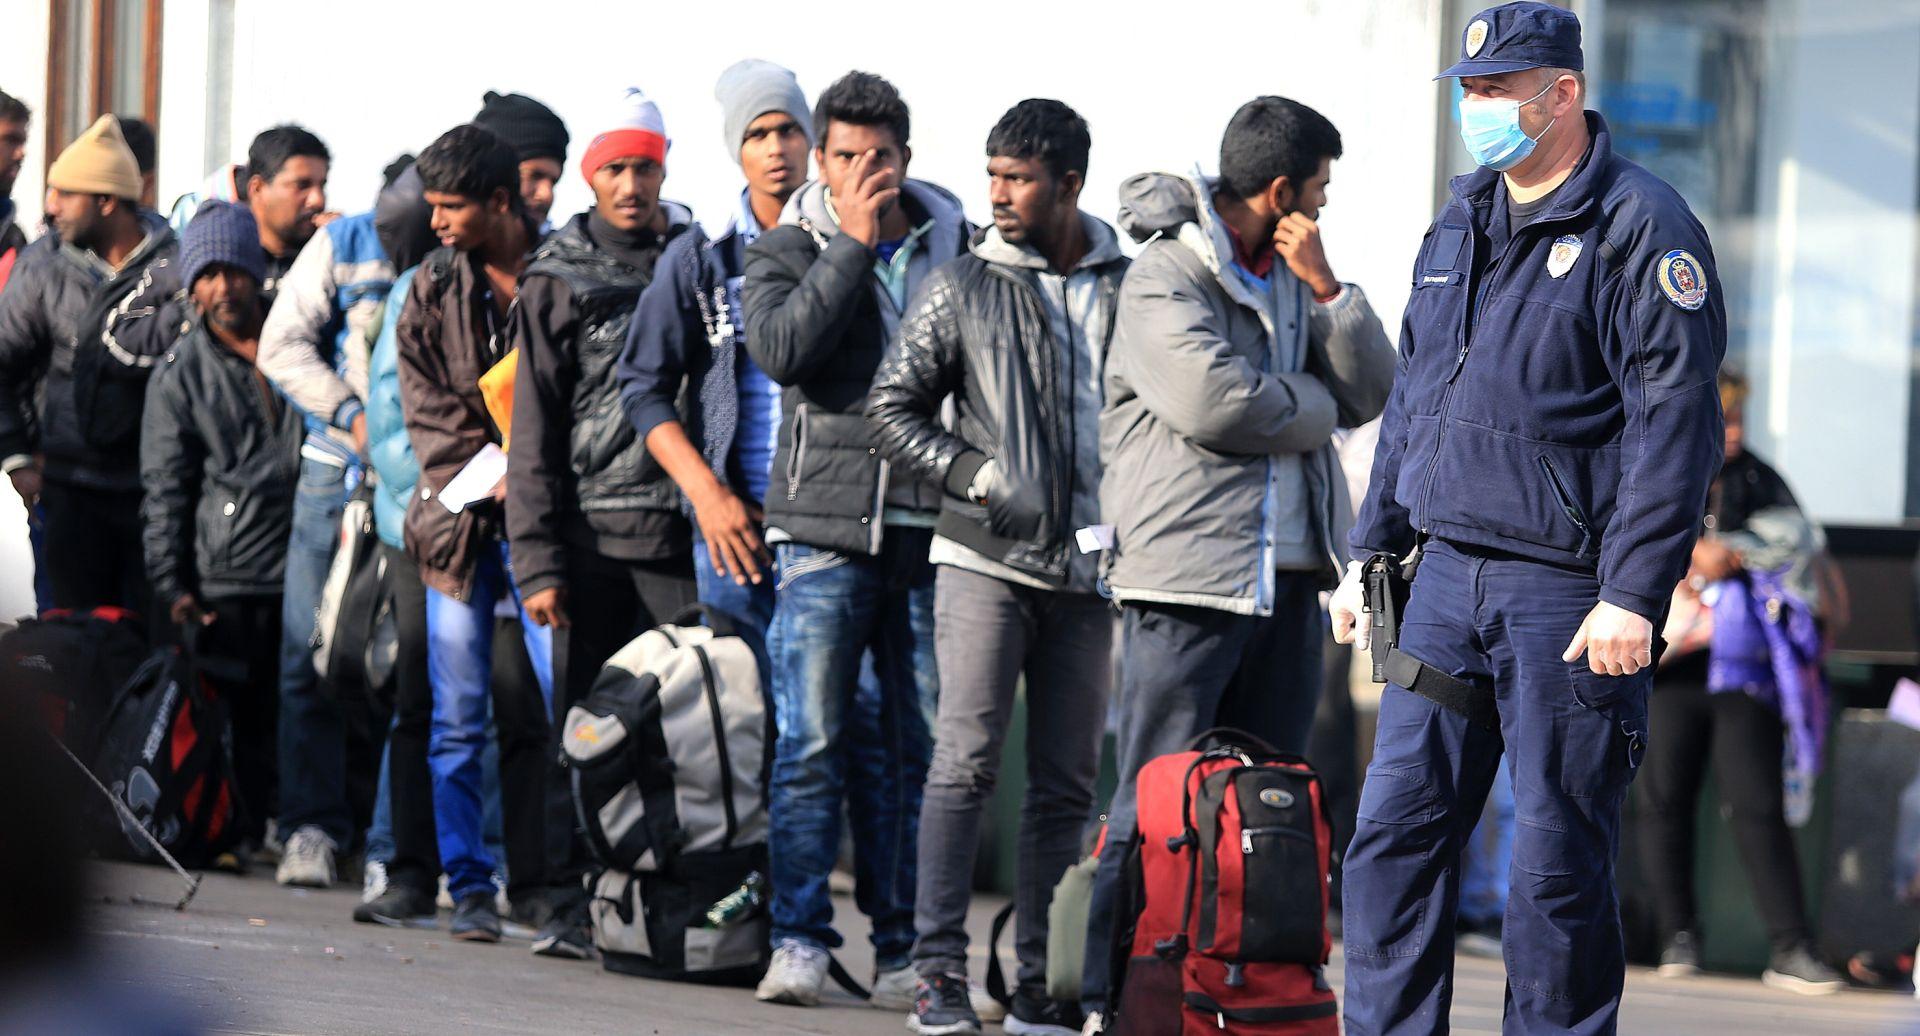 PRIMJENA SPORAZUMA: Dva broda koja vraćaju migrante iz Grčke u Tursku isplovila s Lezbosa